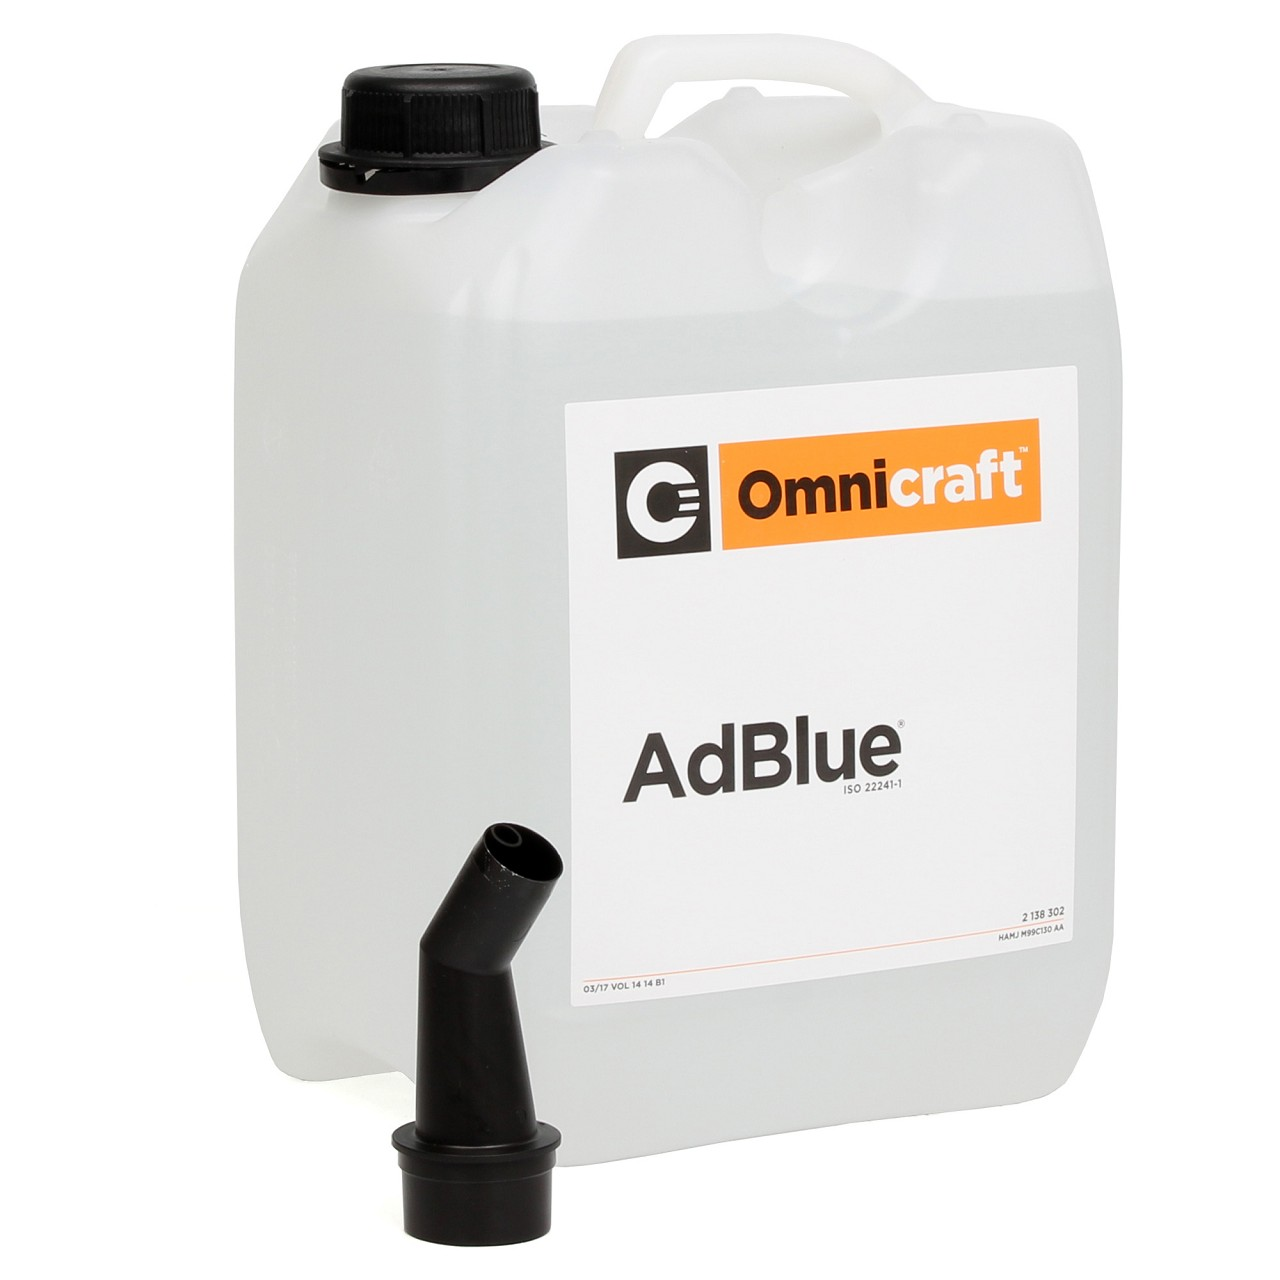 ORIGINAL FORD Kraftstoffadditiv 2138302 AdBlue 5 Liter Harnstofflösung SCR - 5L